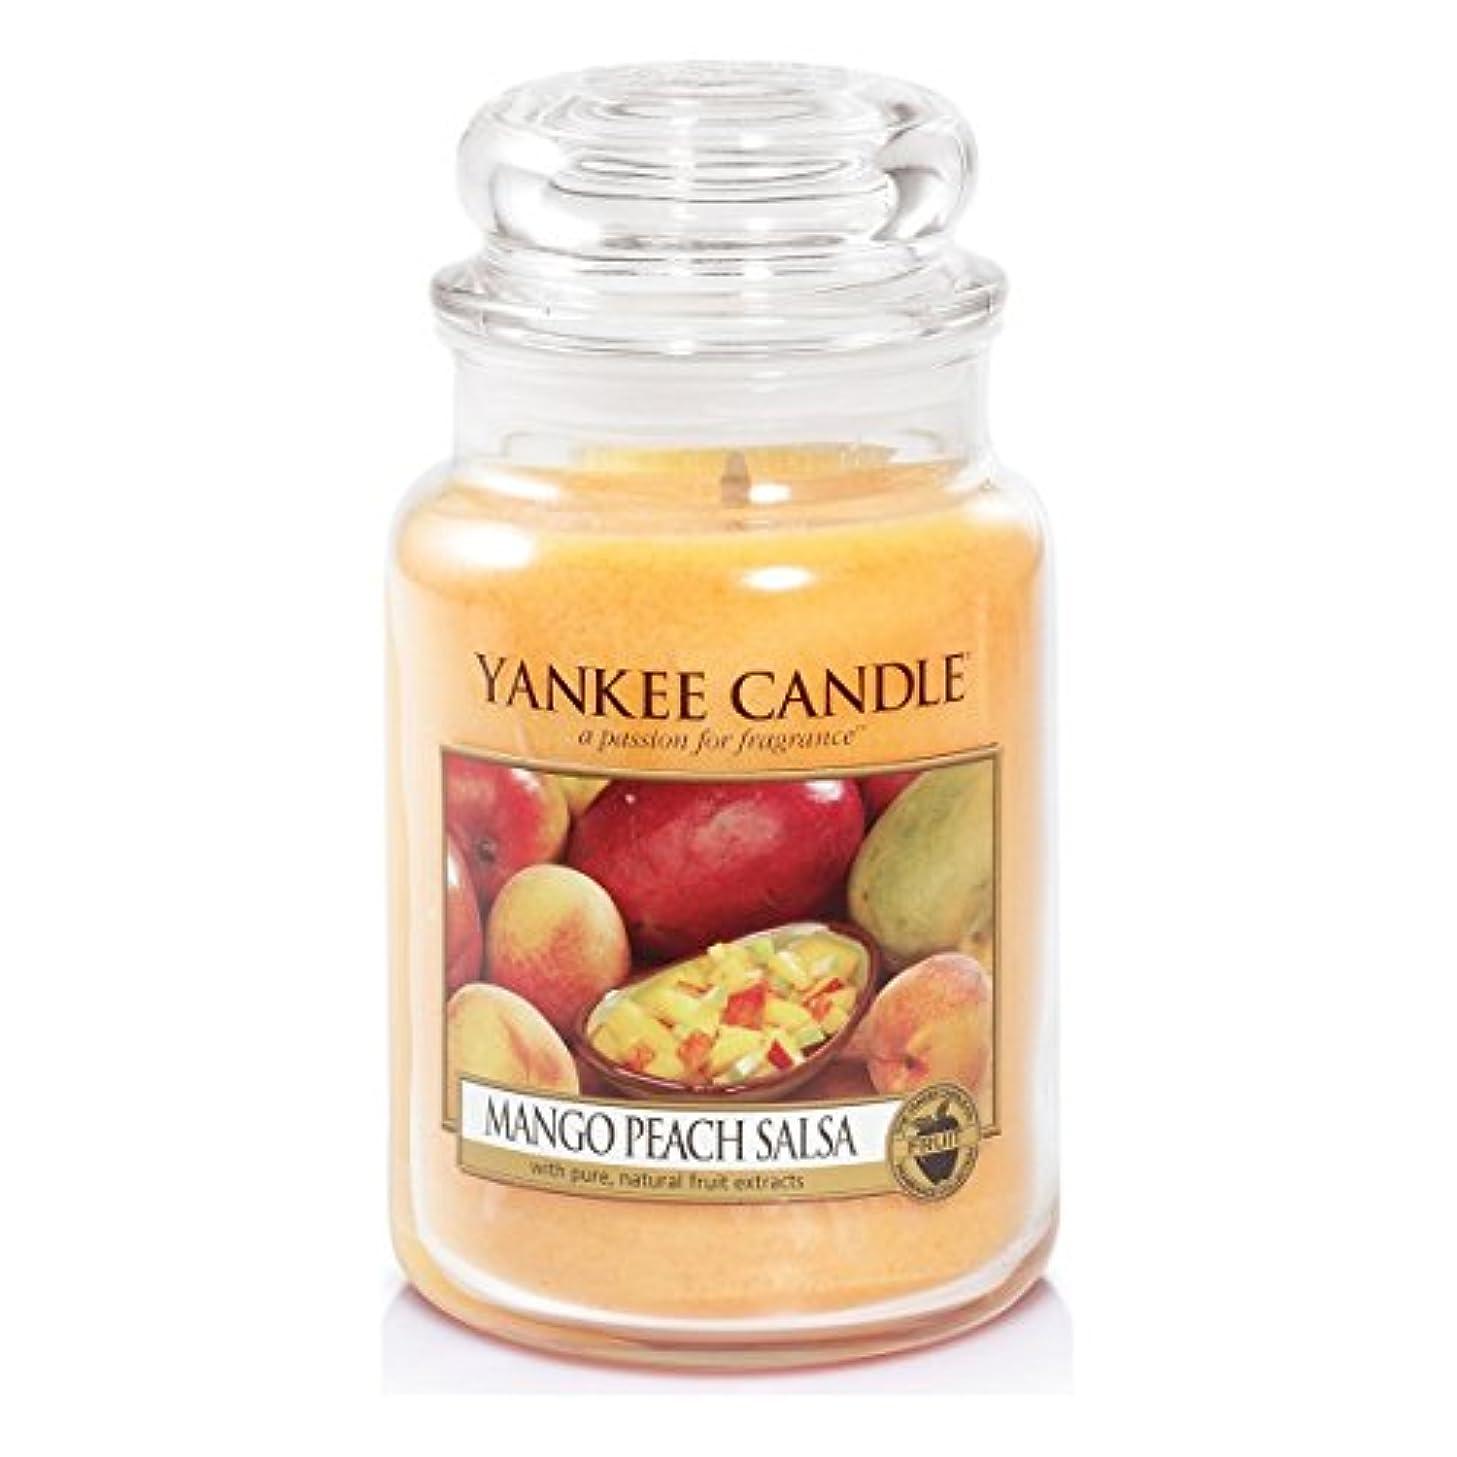 脳配置オーナーYankee Candle Large Jar Candle, Mango Peach Salsa by Yankee Candle